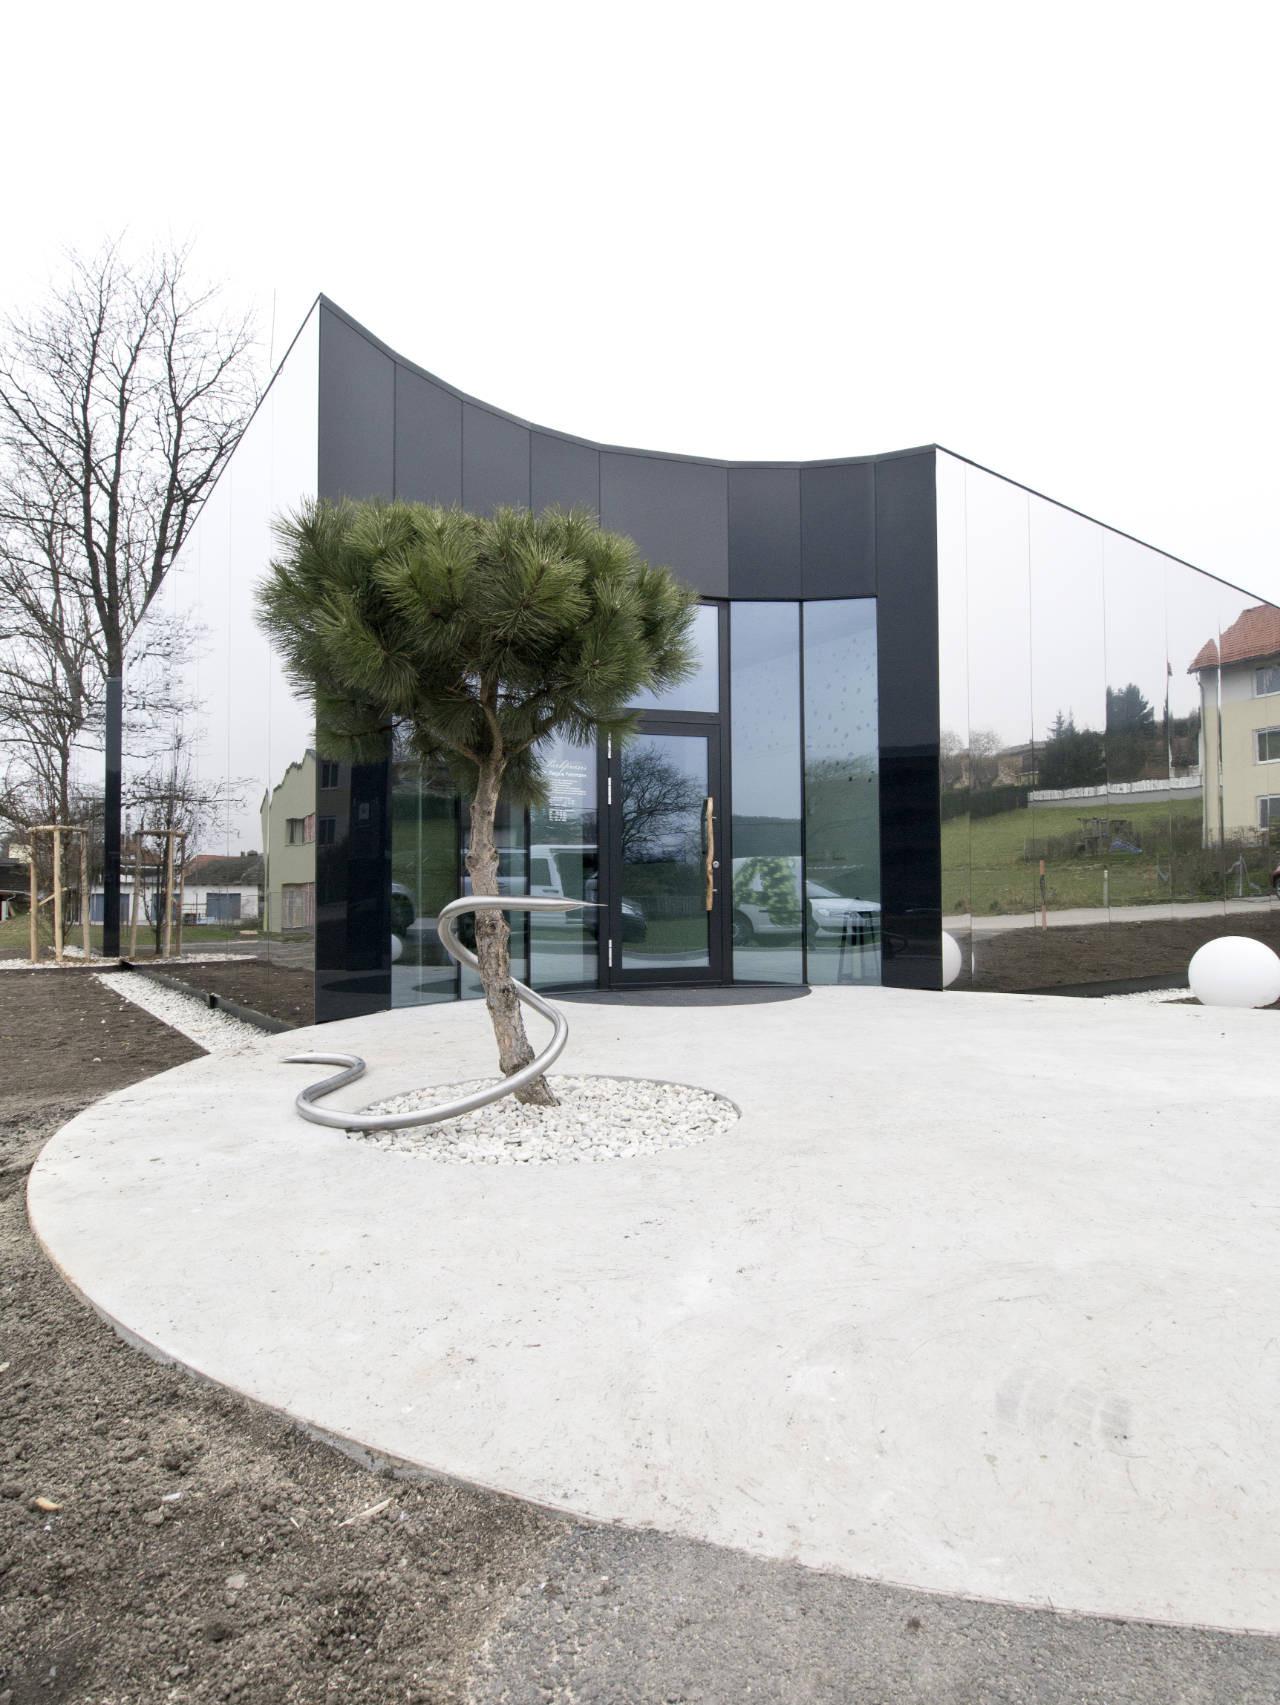 PARKPRAXIS / x architekten, © x architekten